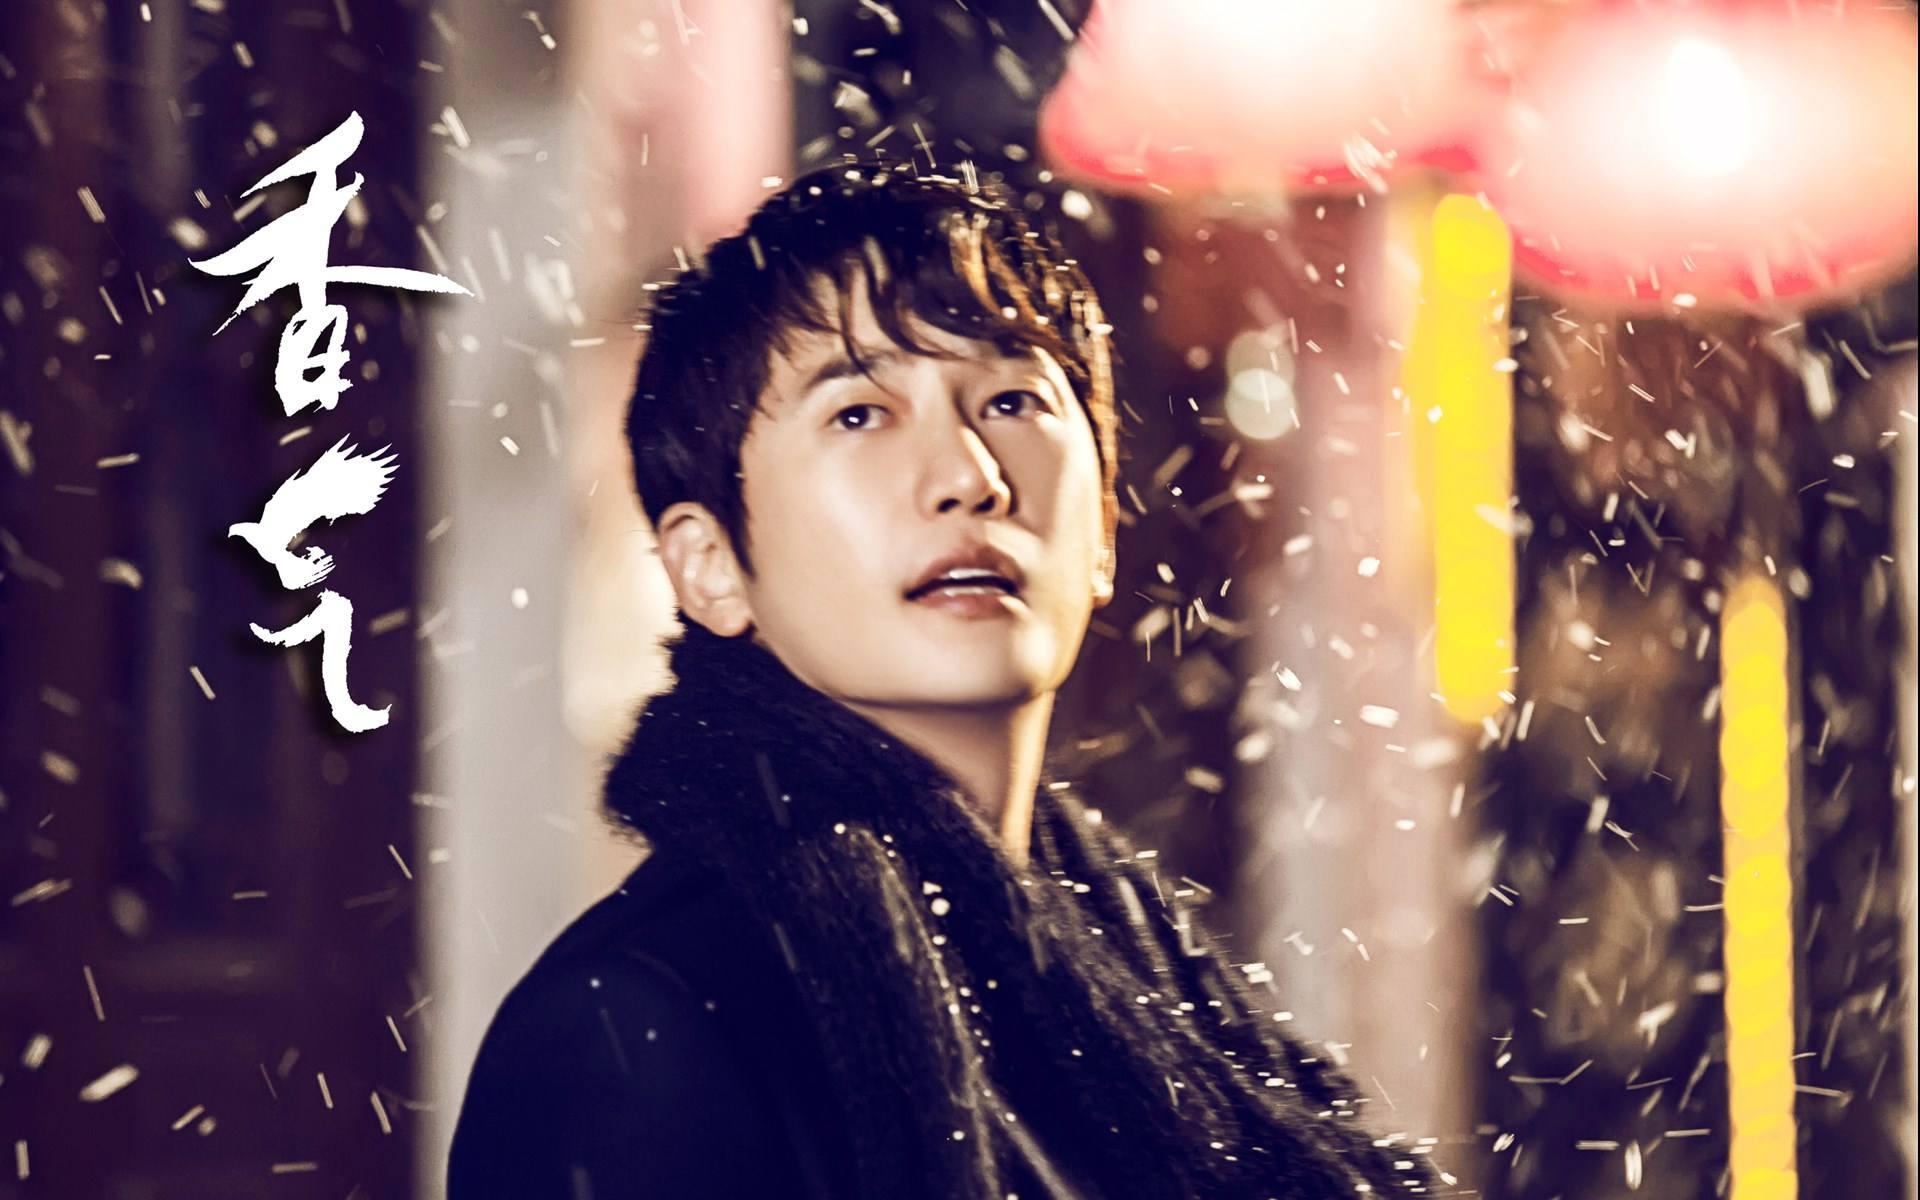 2017年9月韩剧上映时间表,我黄金光辉的人生播出时间九月初